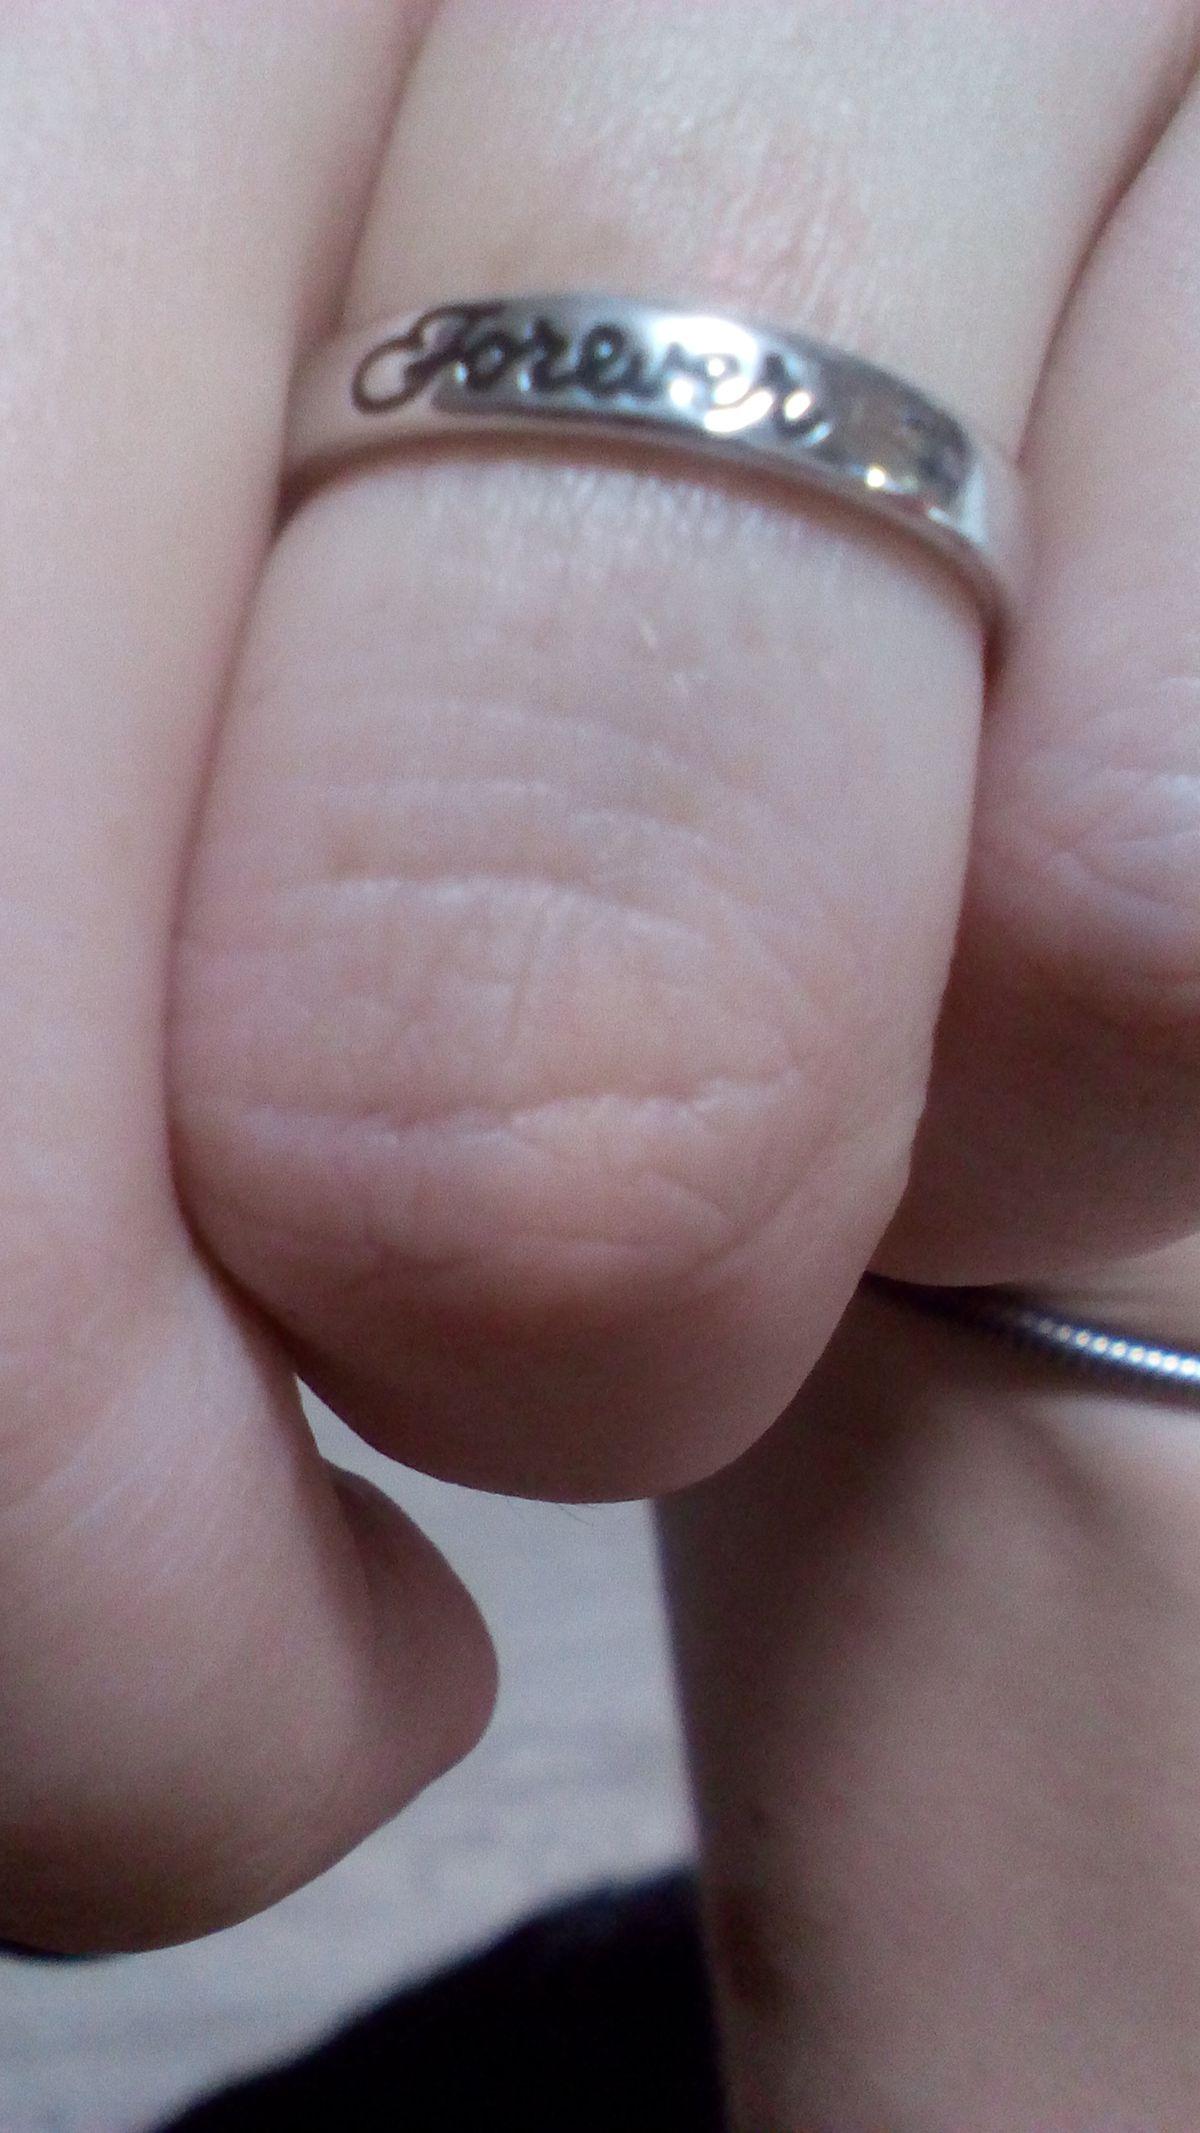 Серебряное колечко с надписью